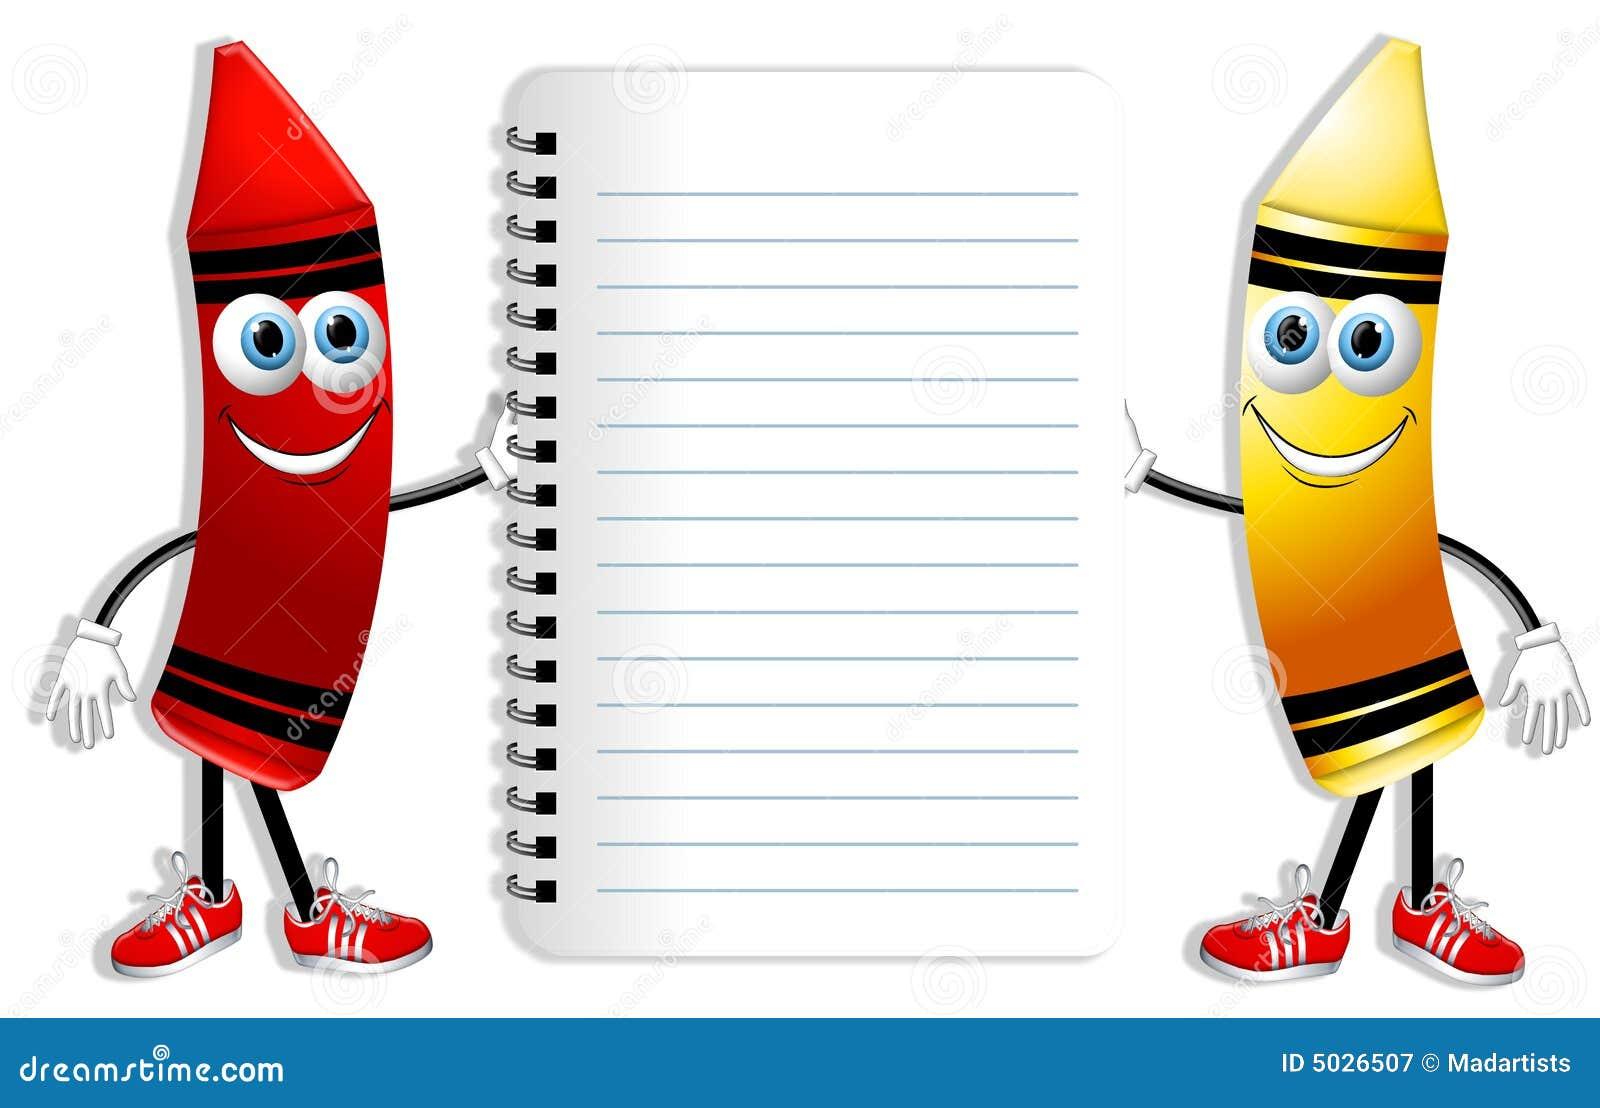 Crayons et cahier de dessin anim photographie stock libre de droits image 5026507 - Dessin anime de corneil et bernie ...